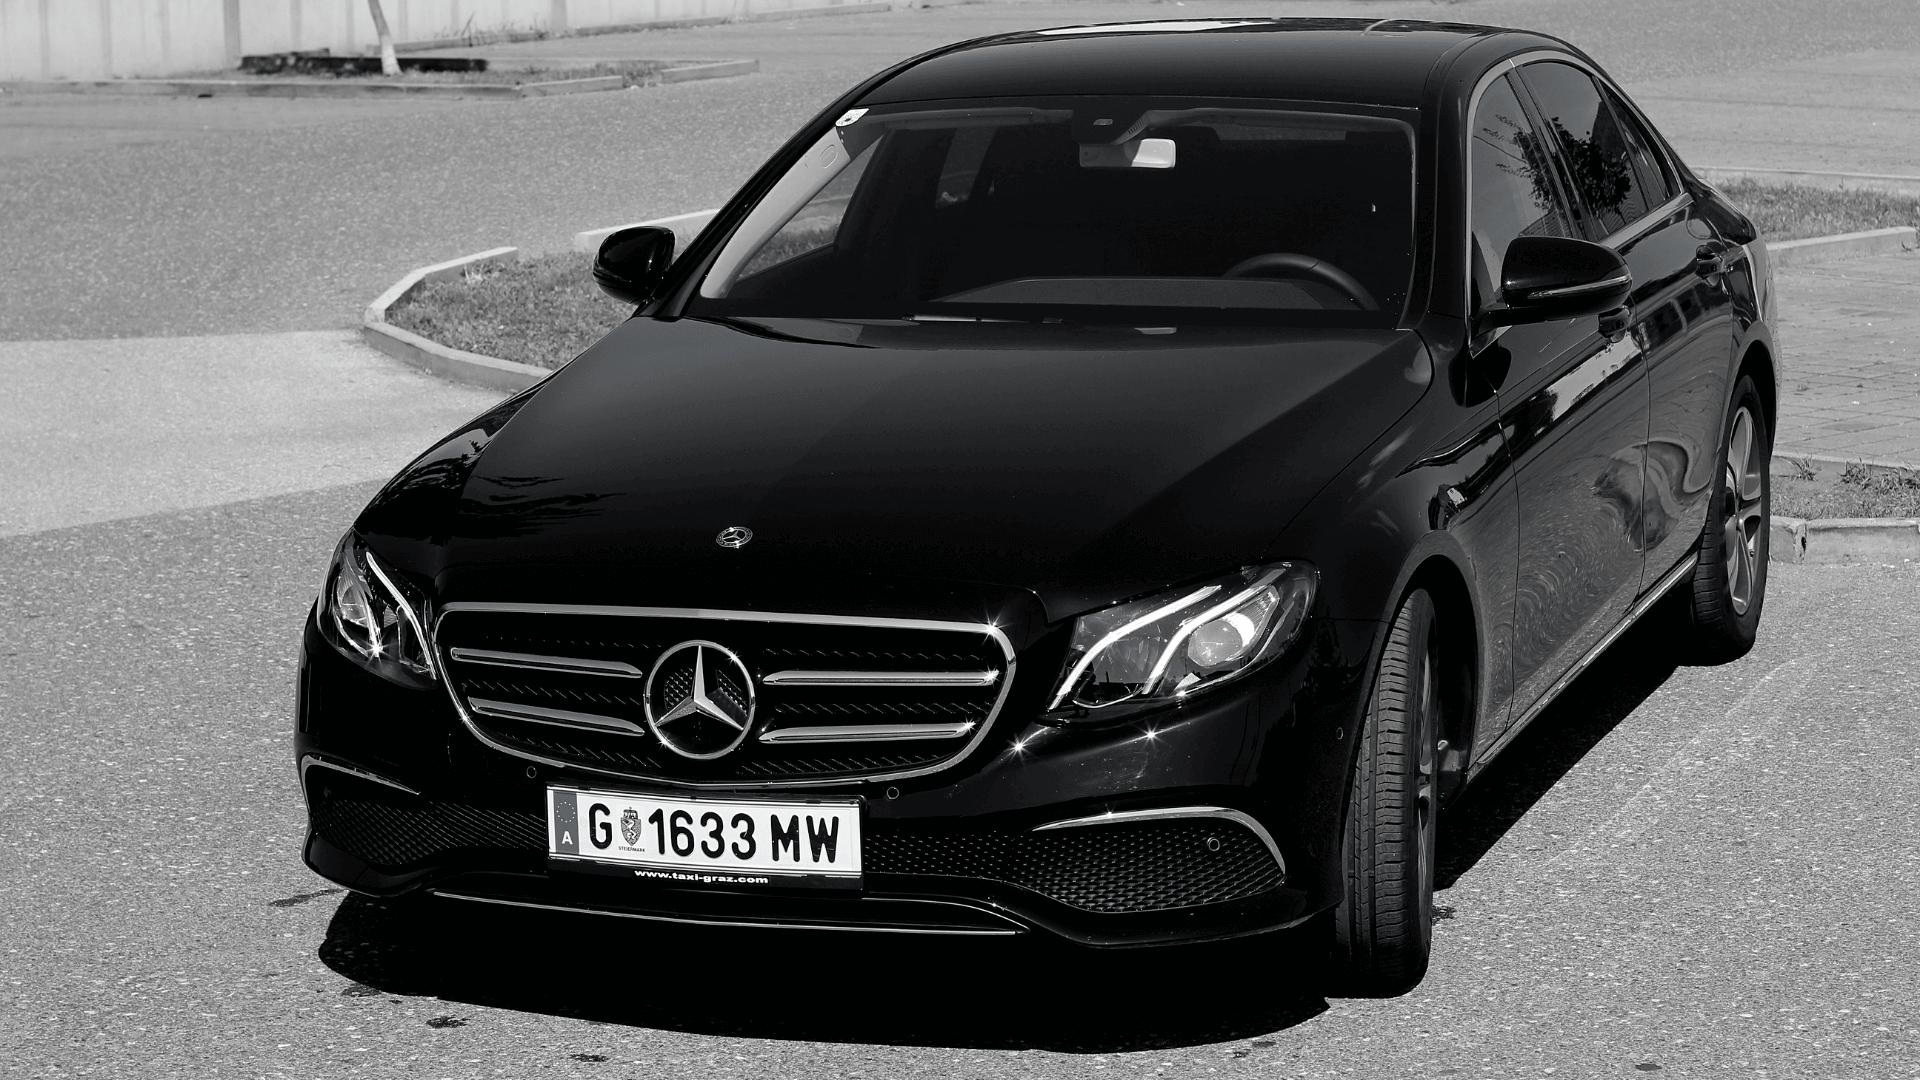 hire-a-car-Taxi Graz-mercedes_e-klasse-schwarz-min